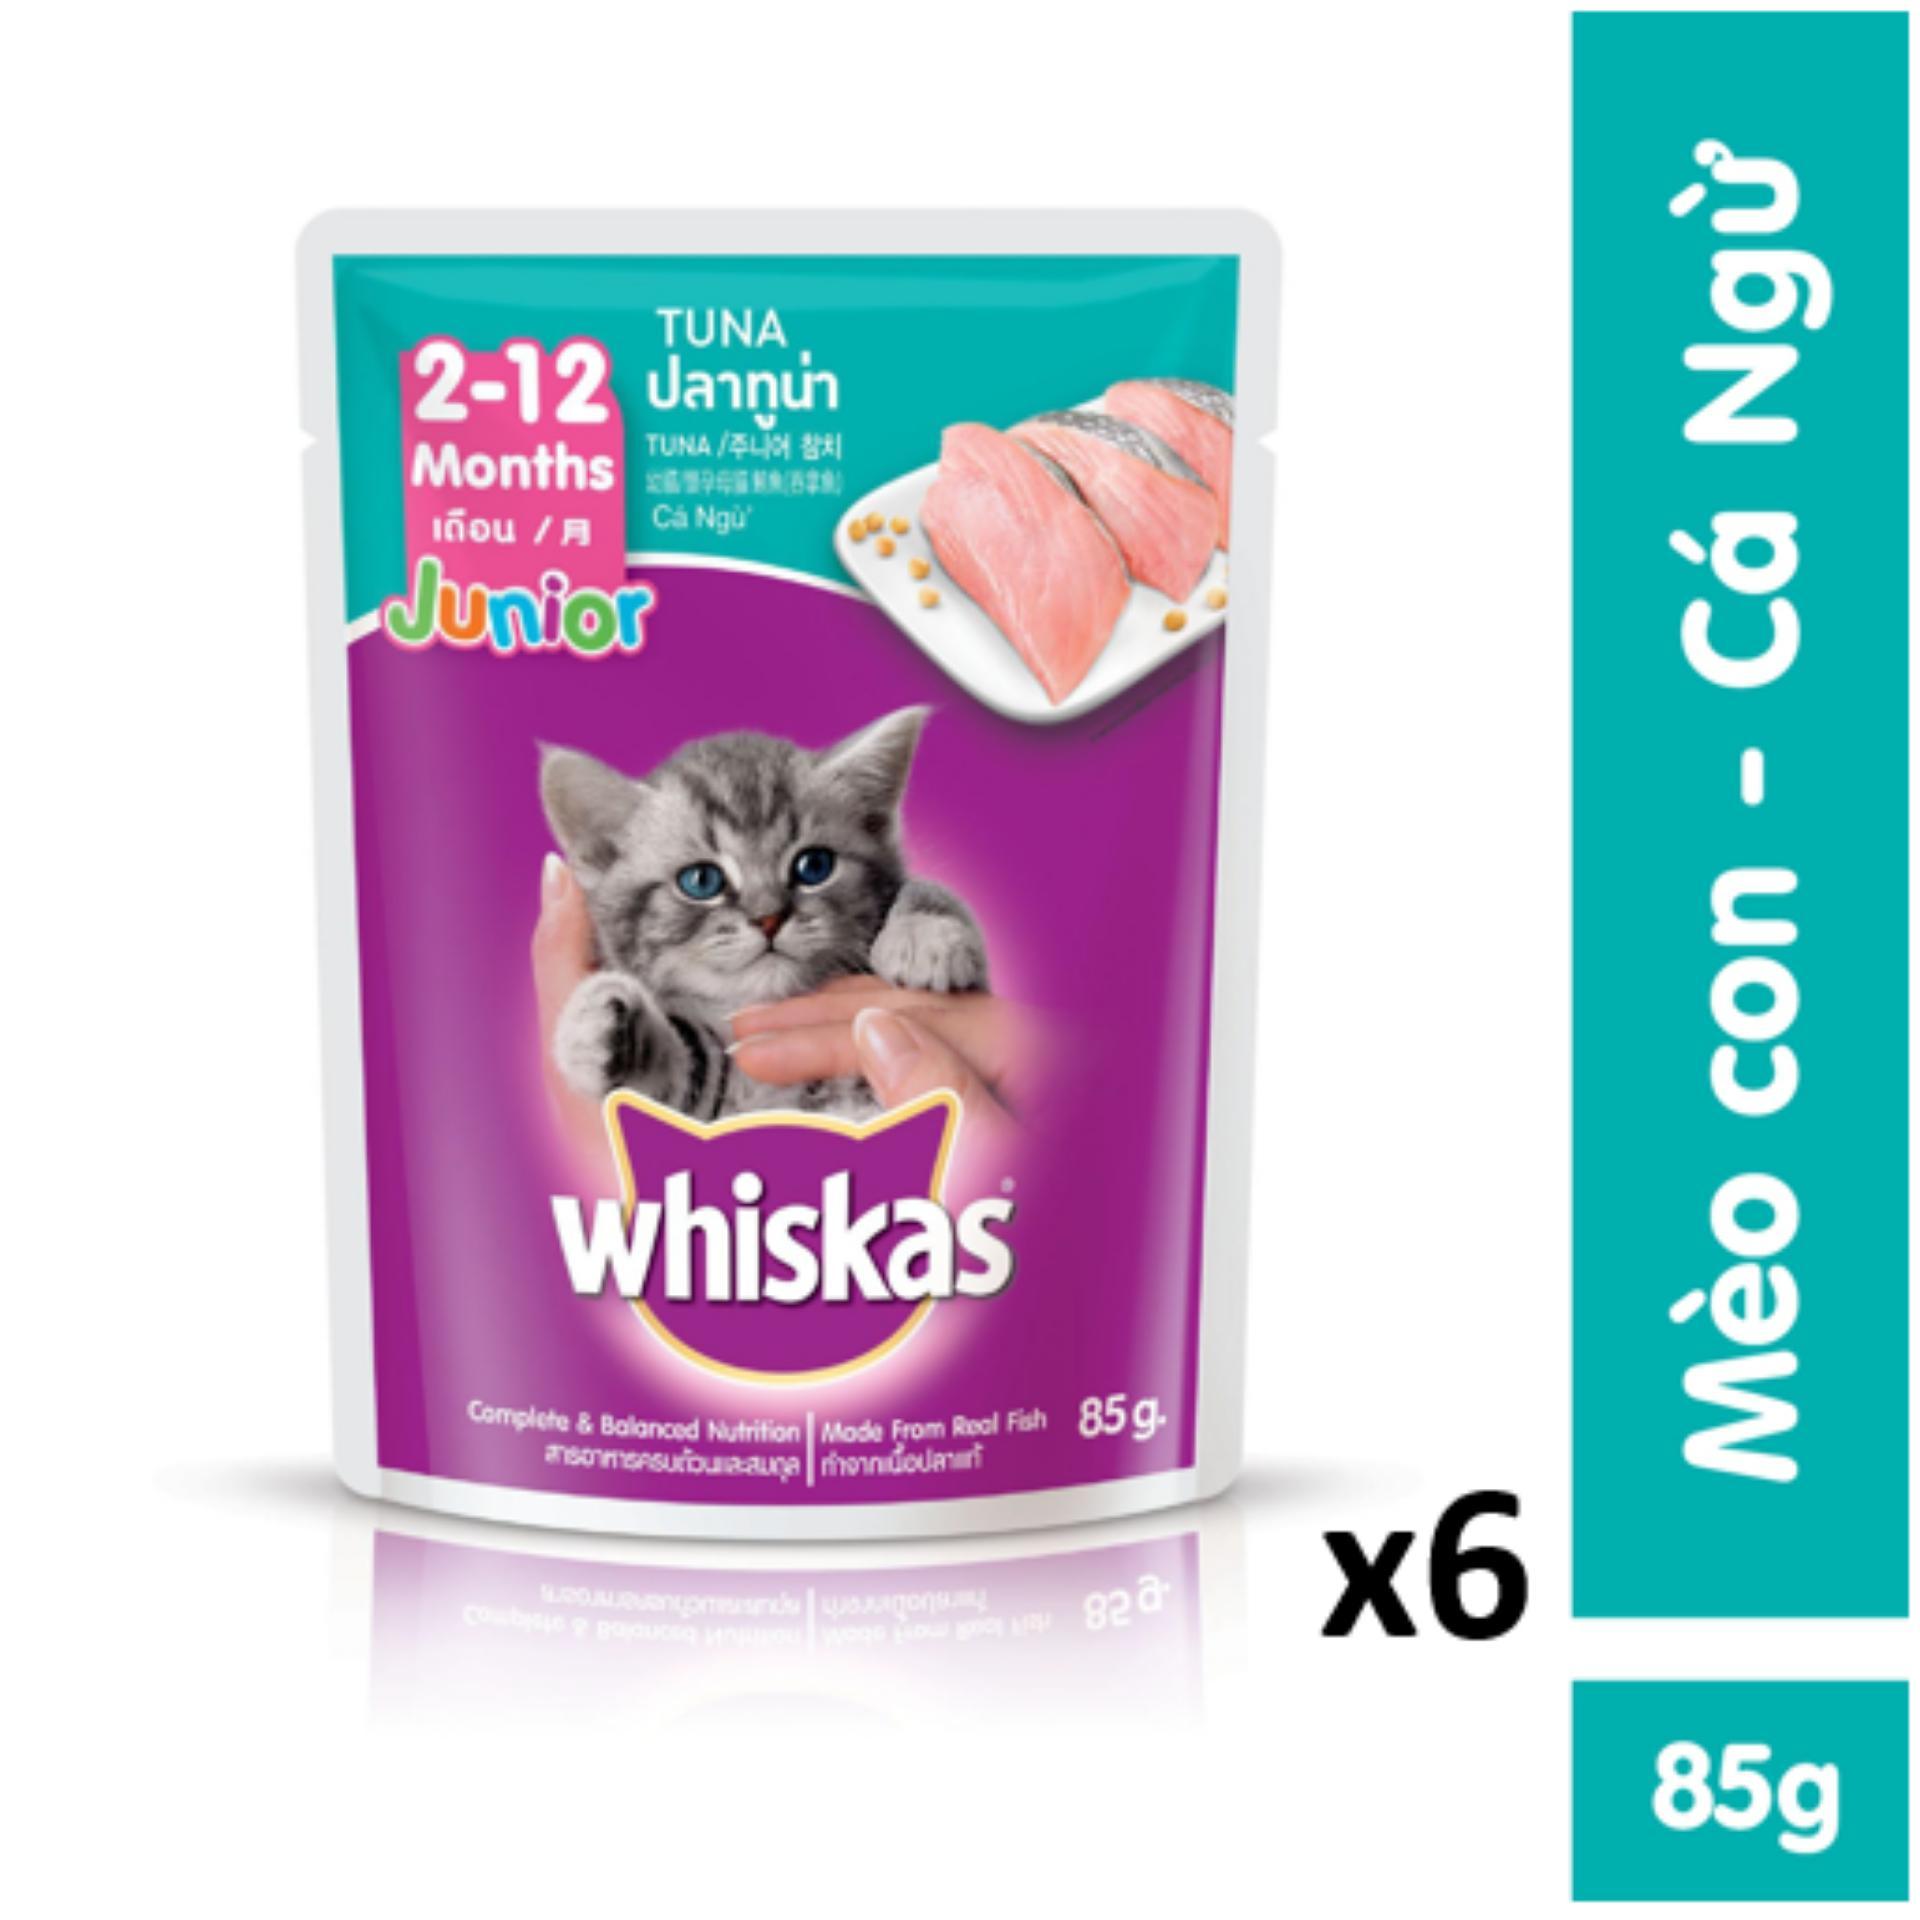 Mã Khuyến Mại Bộ 6 Túi Thức ăn Mèo Con Whiskas Vị Cá Ngừ 85g